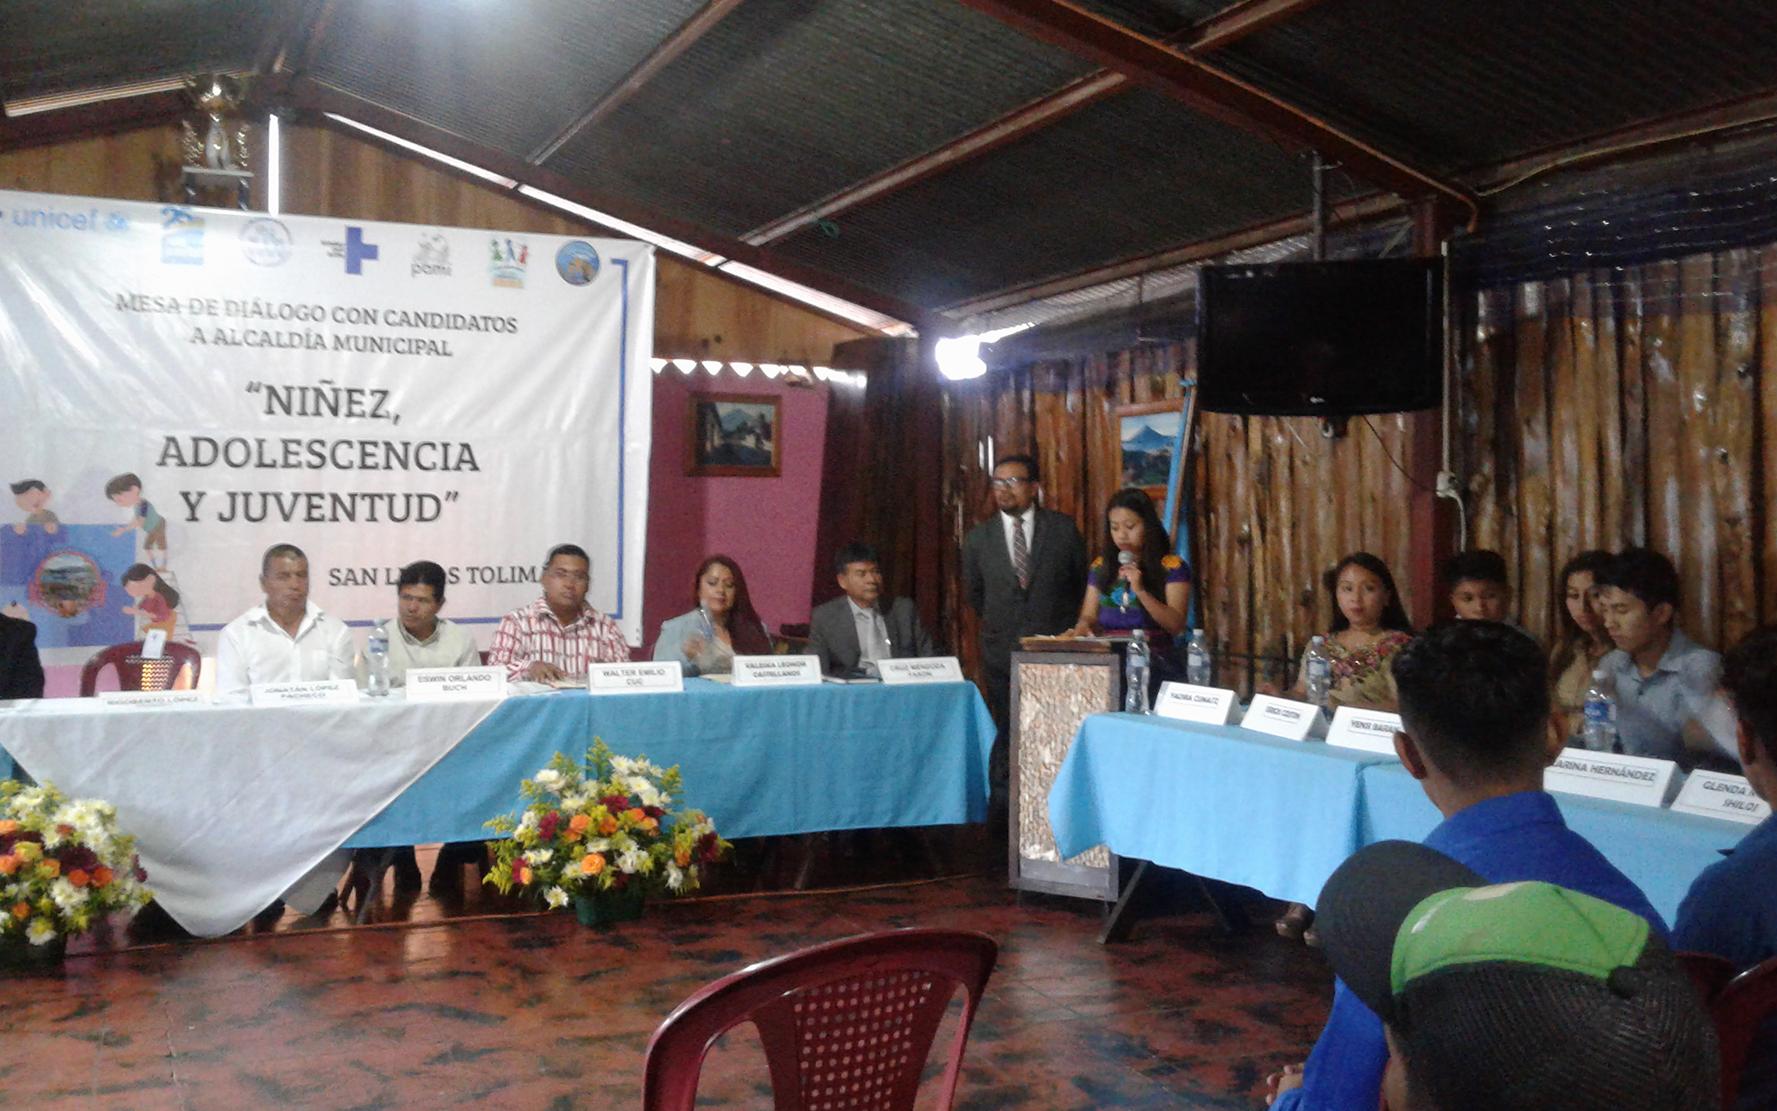 Candidatos a la alcaldía municipal de San Lucas Toliman, Sololá, firman compromiso con niñez, adolescencia y juventud